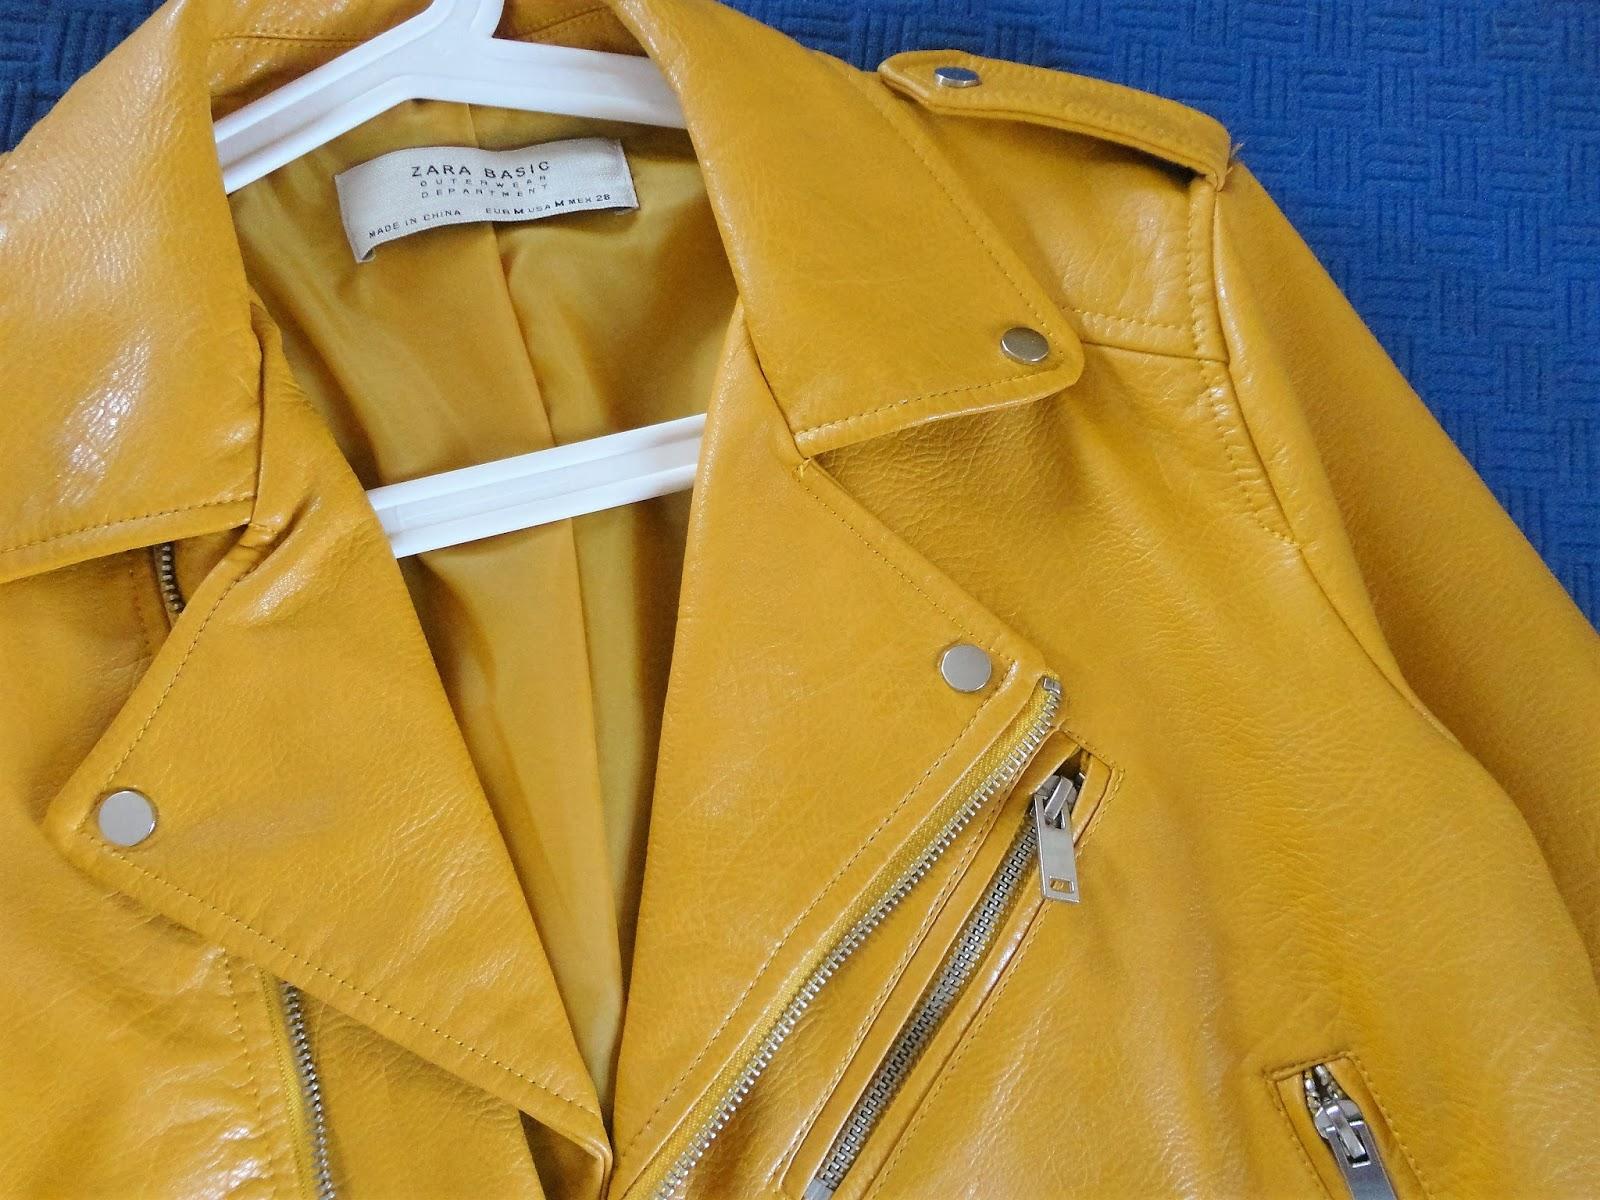 la giacca piu bella di zara